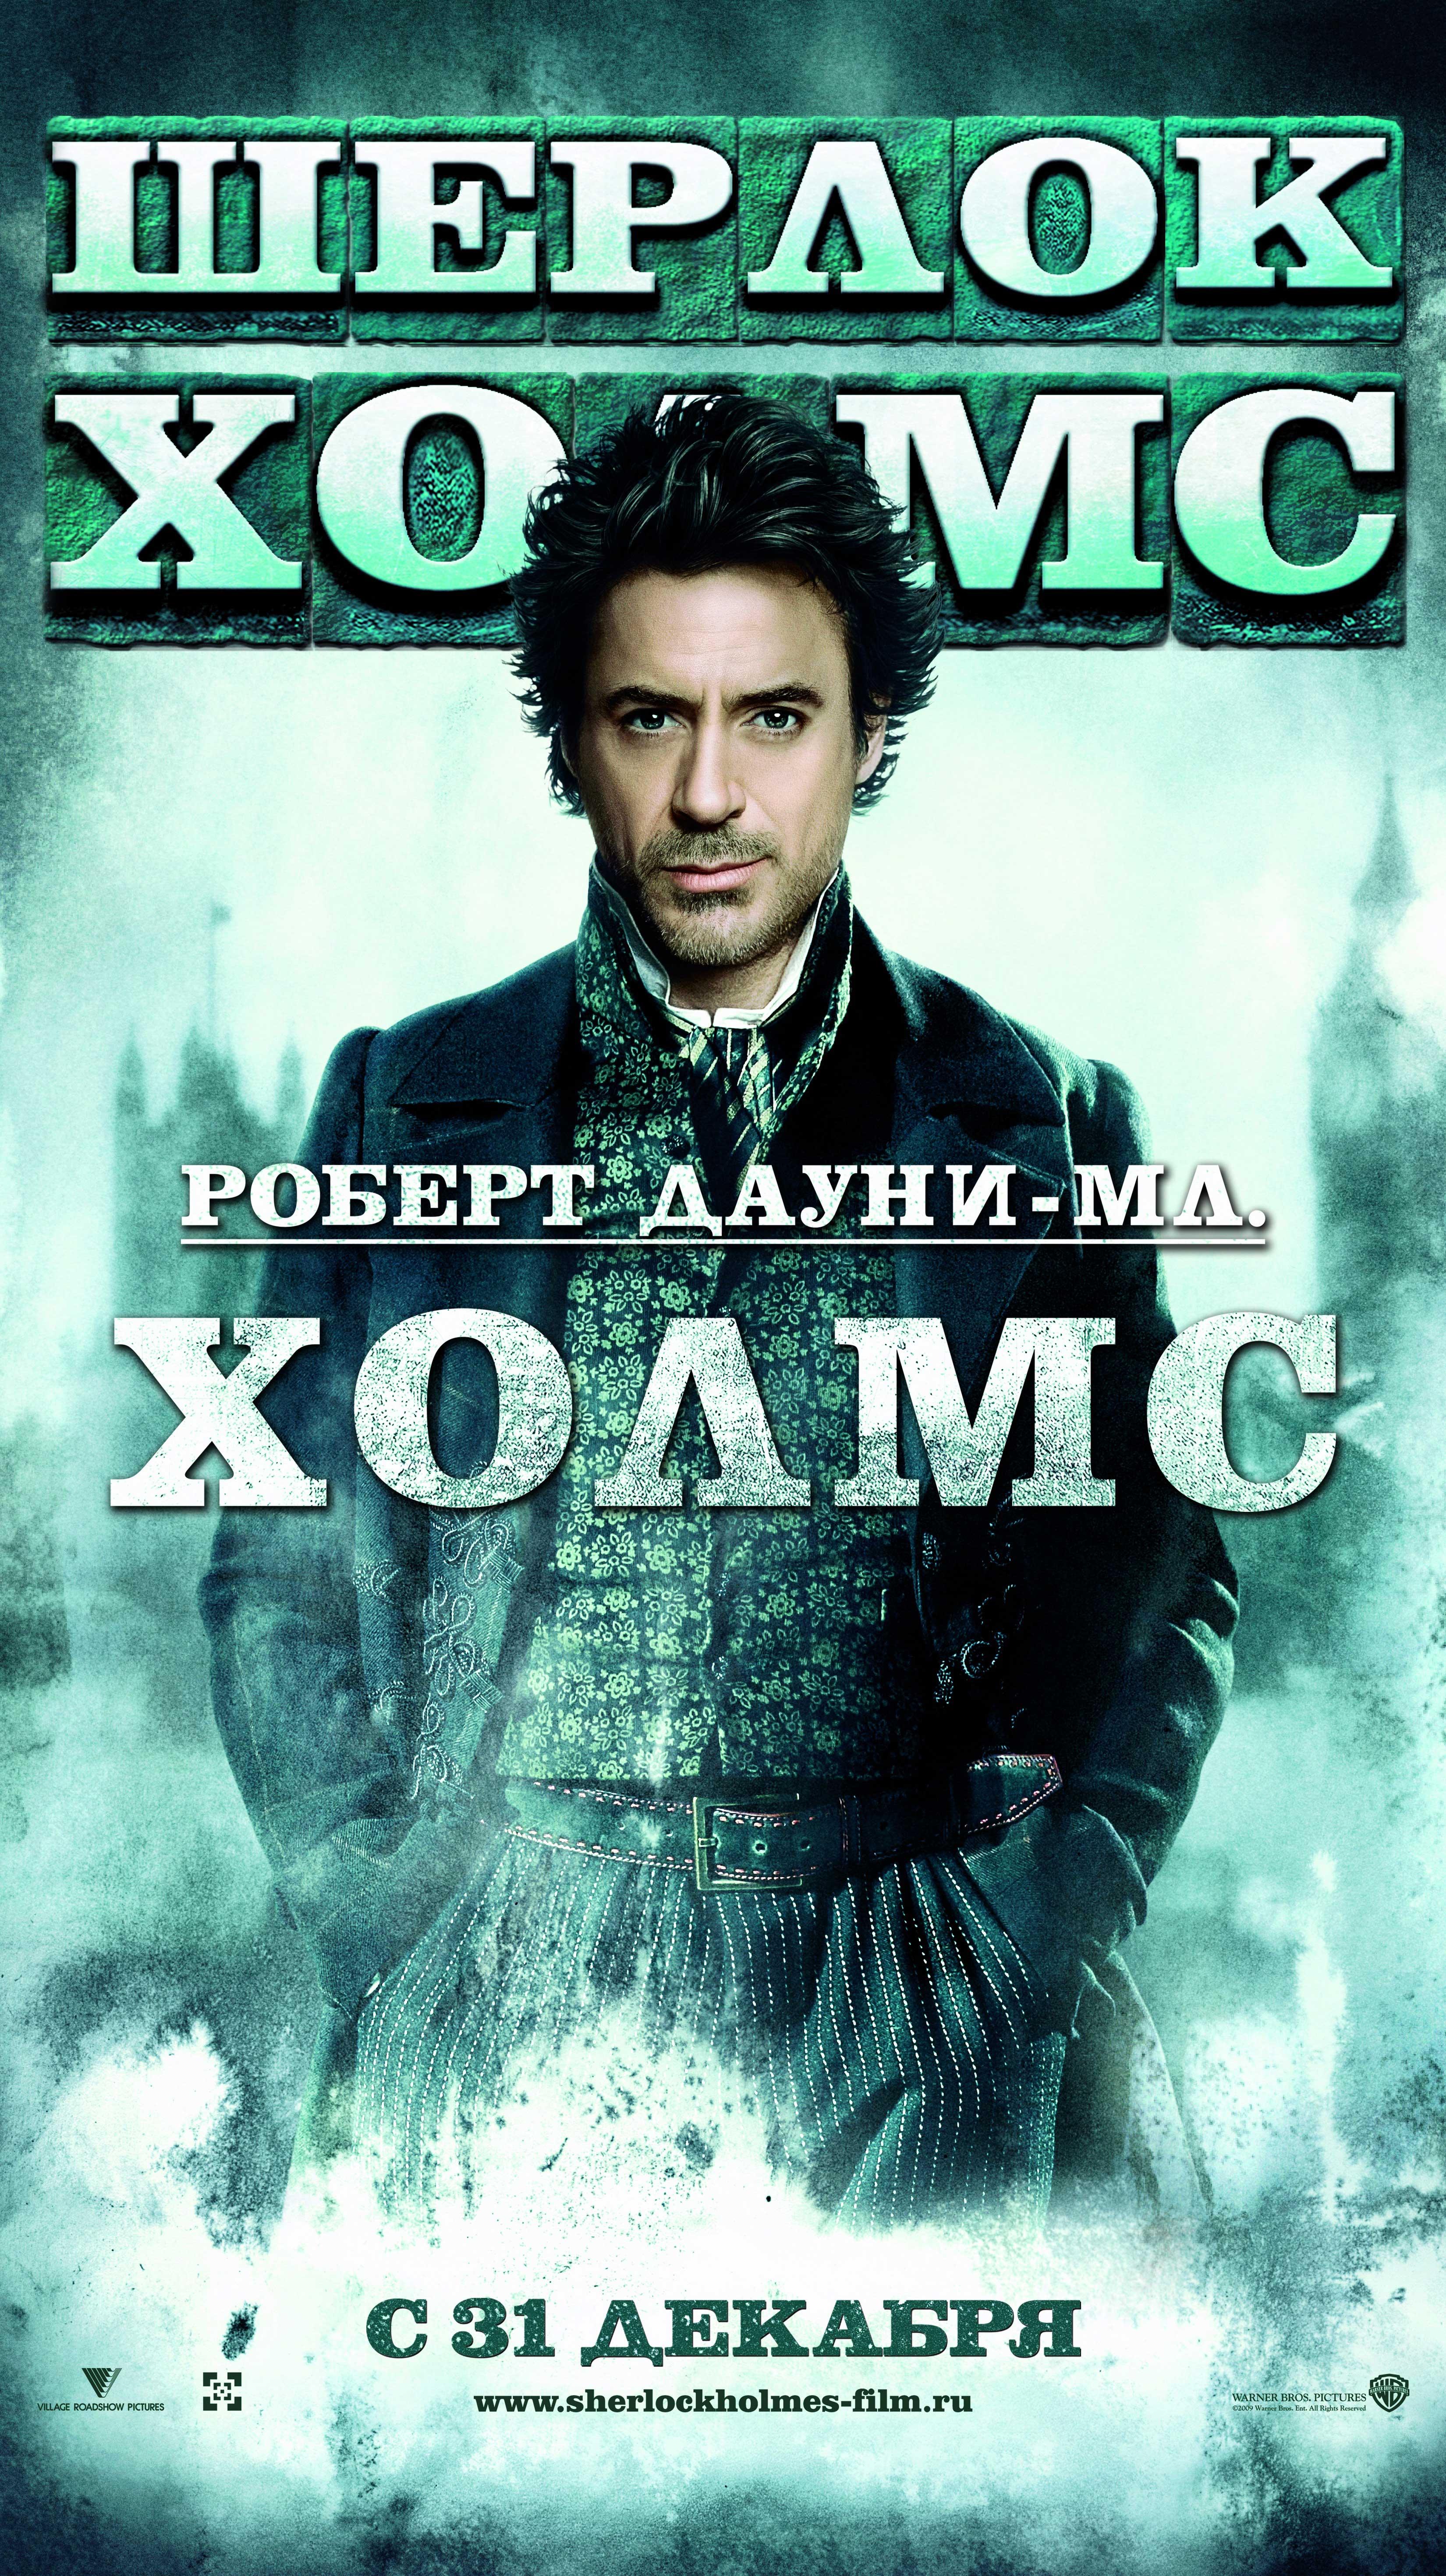 фильм шерлок холмс 2012 смотреть онлайн бесплатно в хорошем качестве: